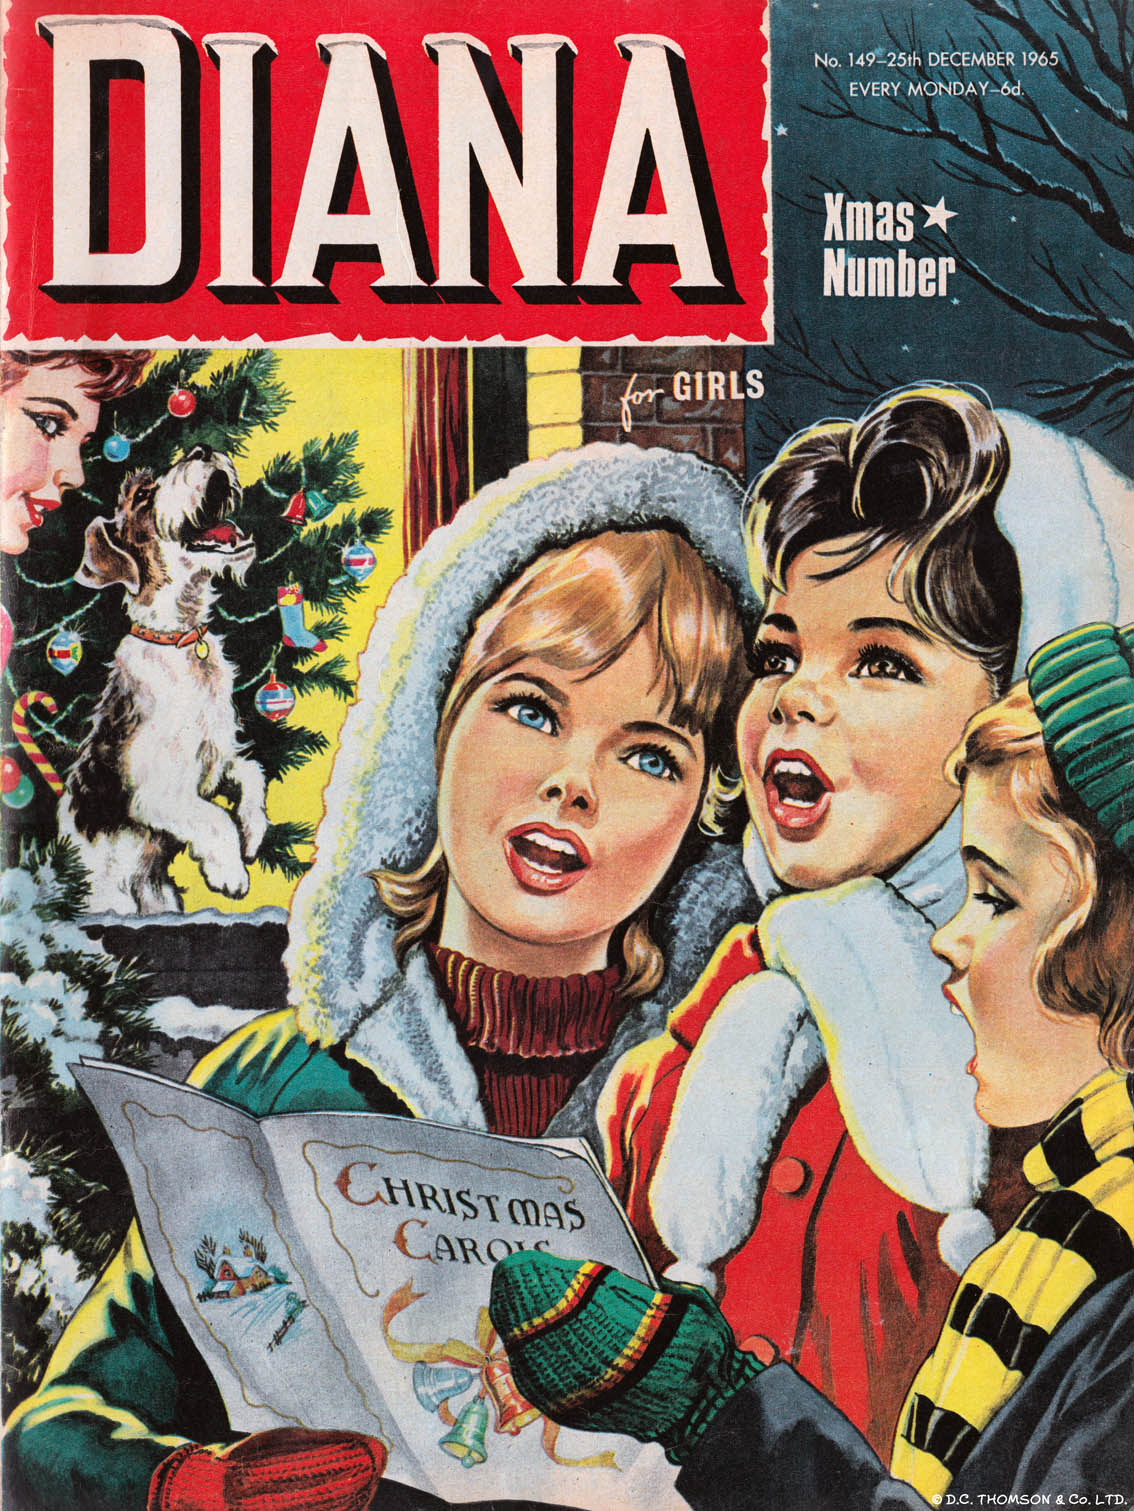 UK Comics Christmas Covers